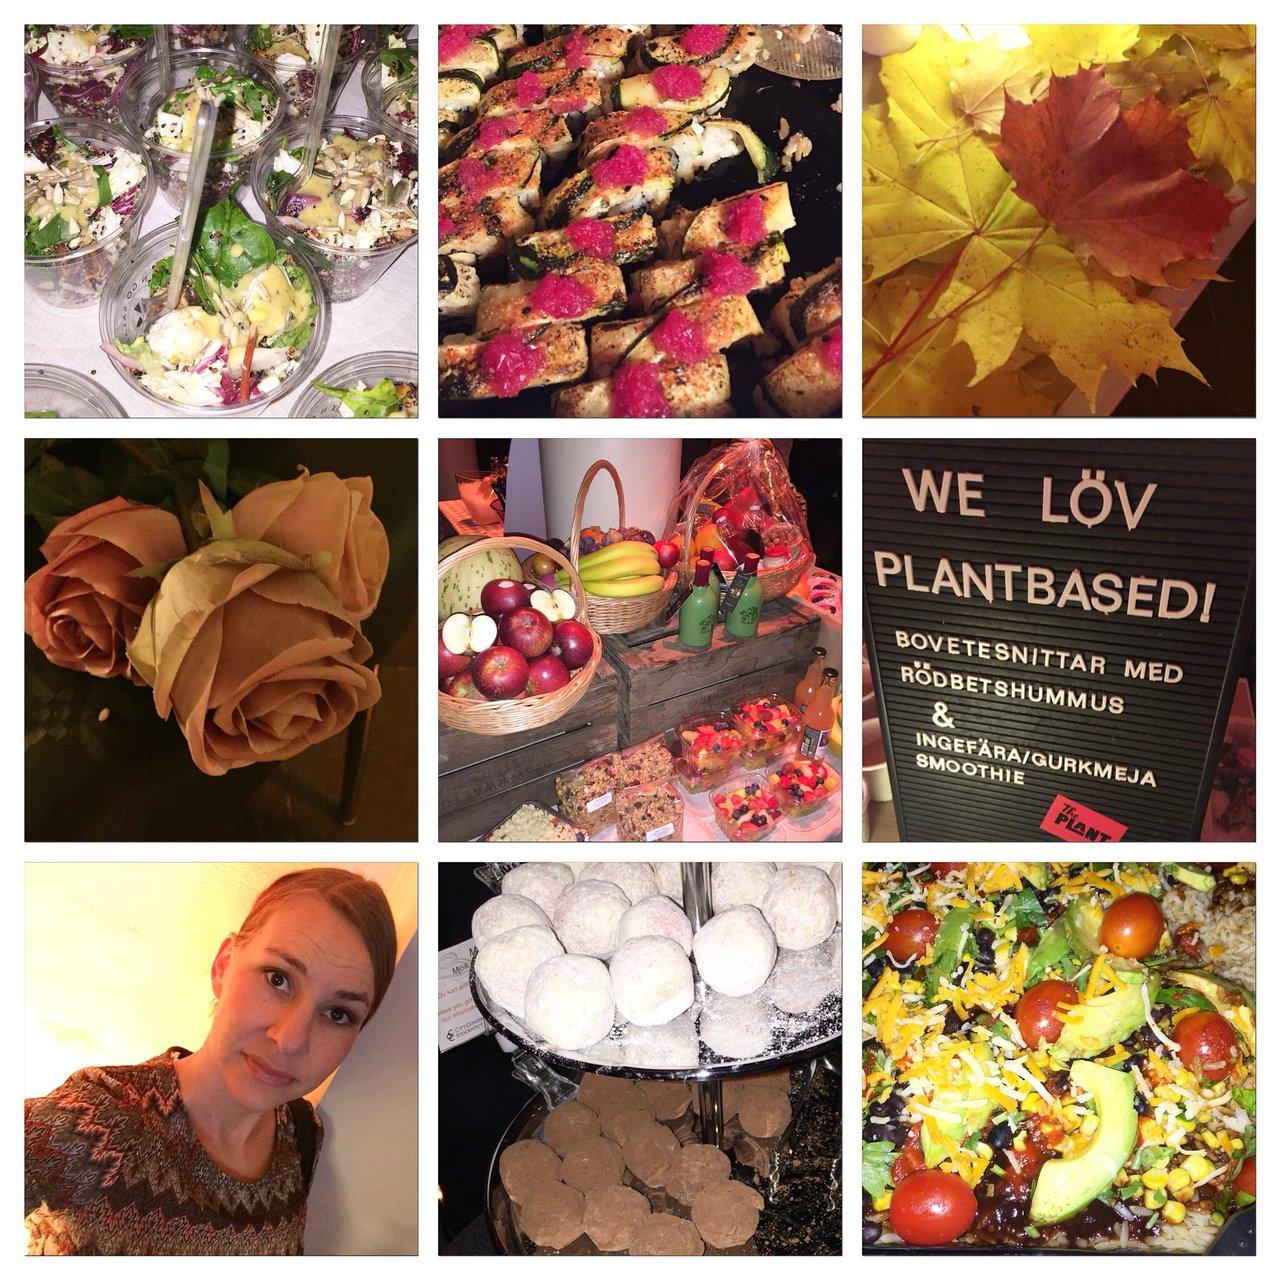 Aptit.se, Aptit, Event, Mat, blogg, fotohella, hemkörning, utkörning, mat till jobbet, food